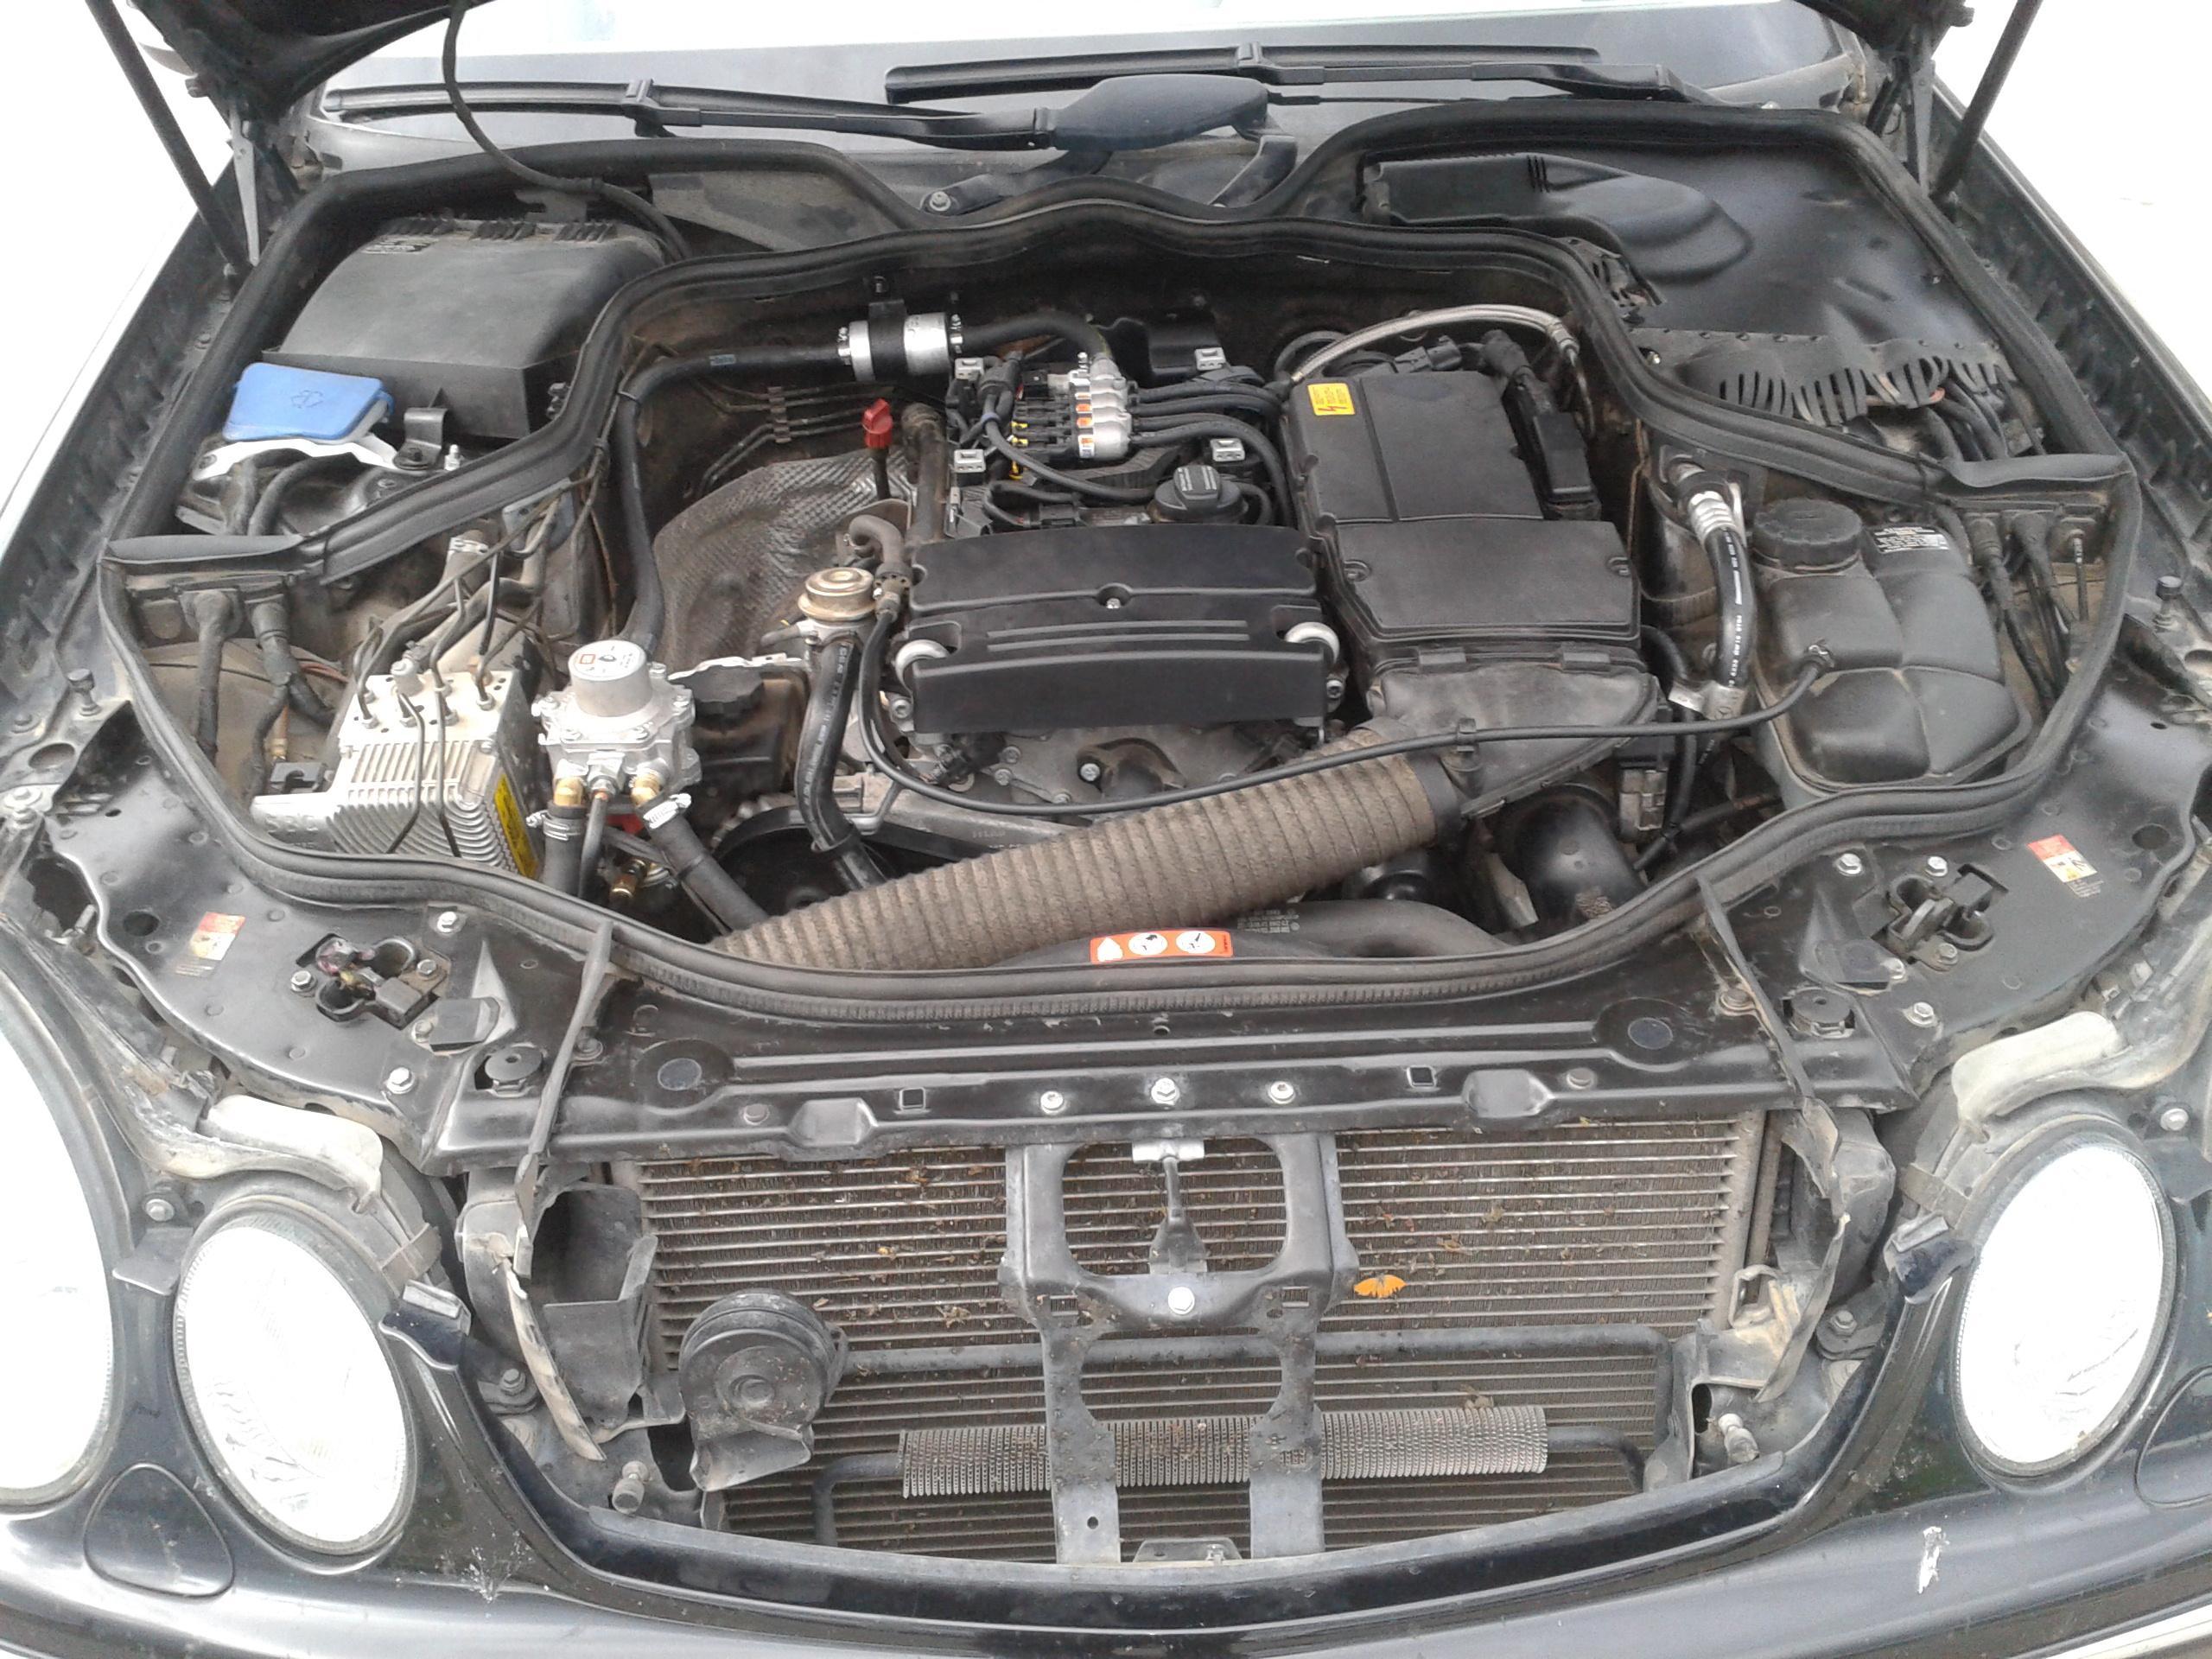 ΦΩΤΟΓΡΑΦΙΕΣ ΑΠΟ : Υγραεριοκίνηση Αυτοκινήτων 'Αφοί Γιώβη' - MERCEDES E200 - BRC